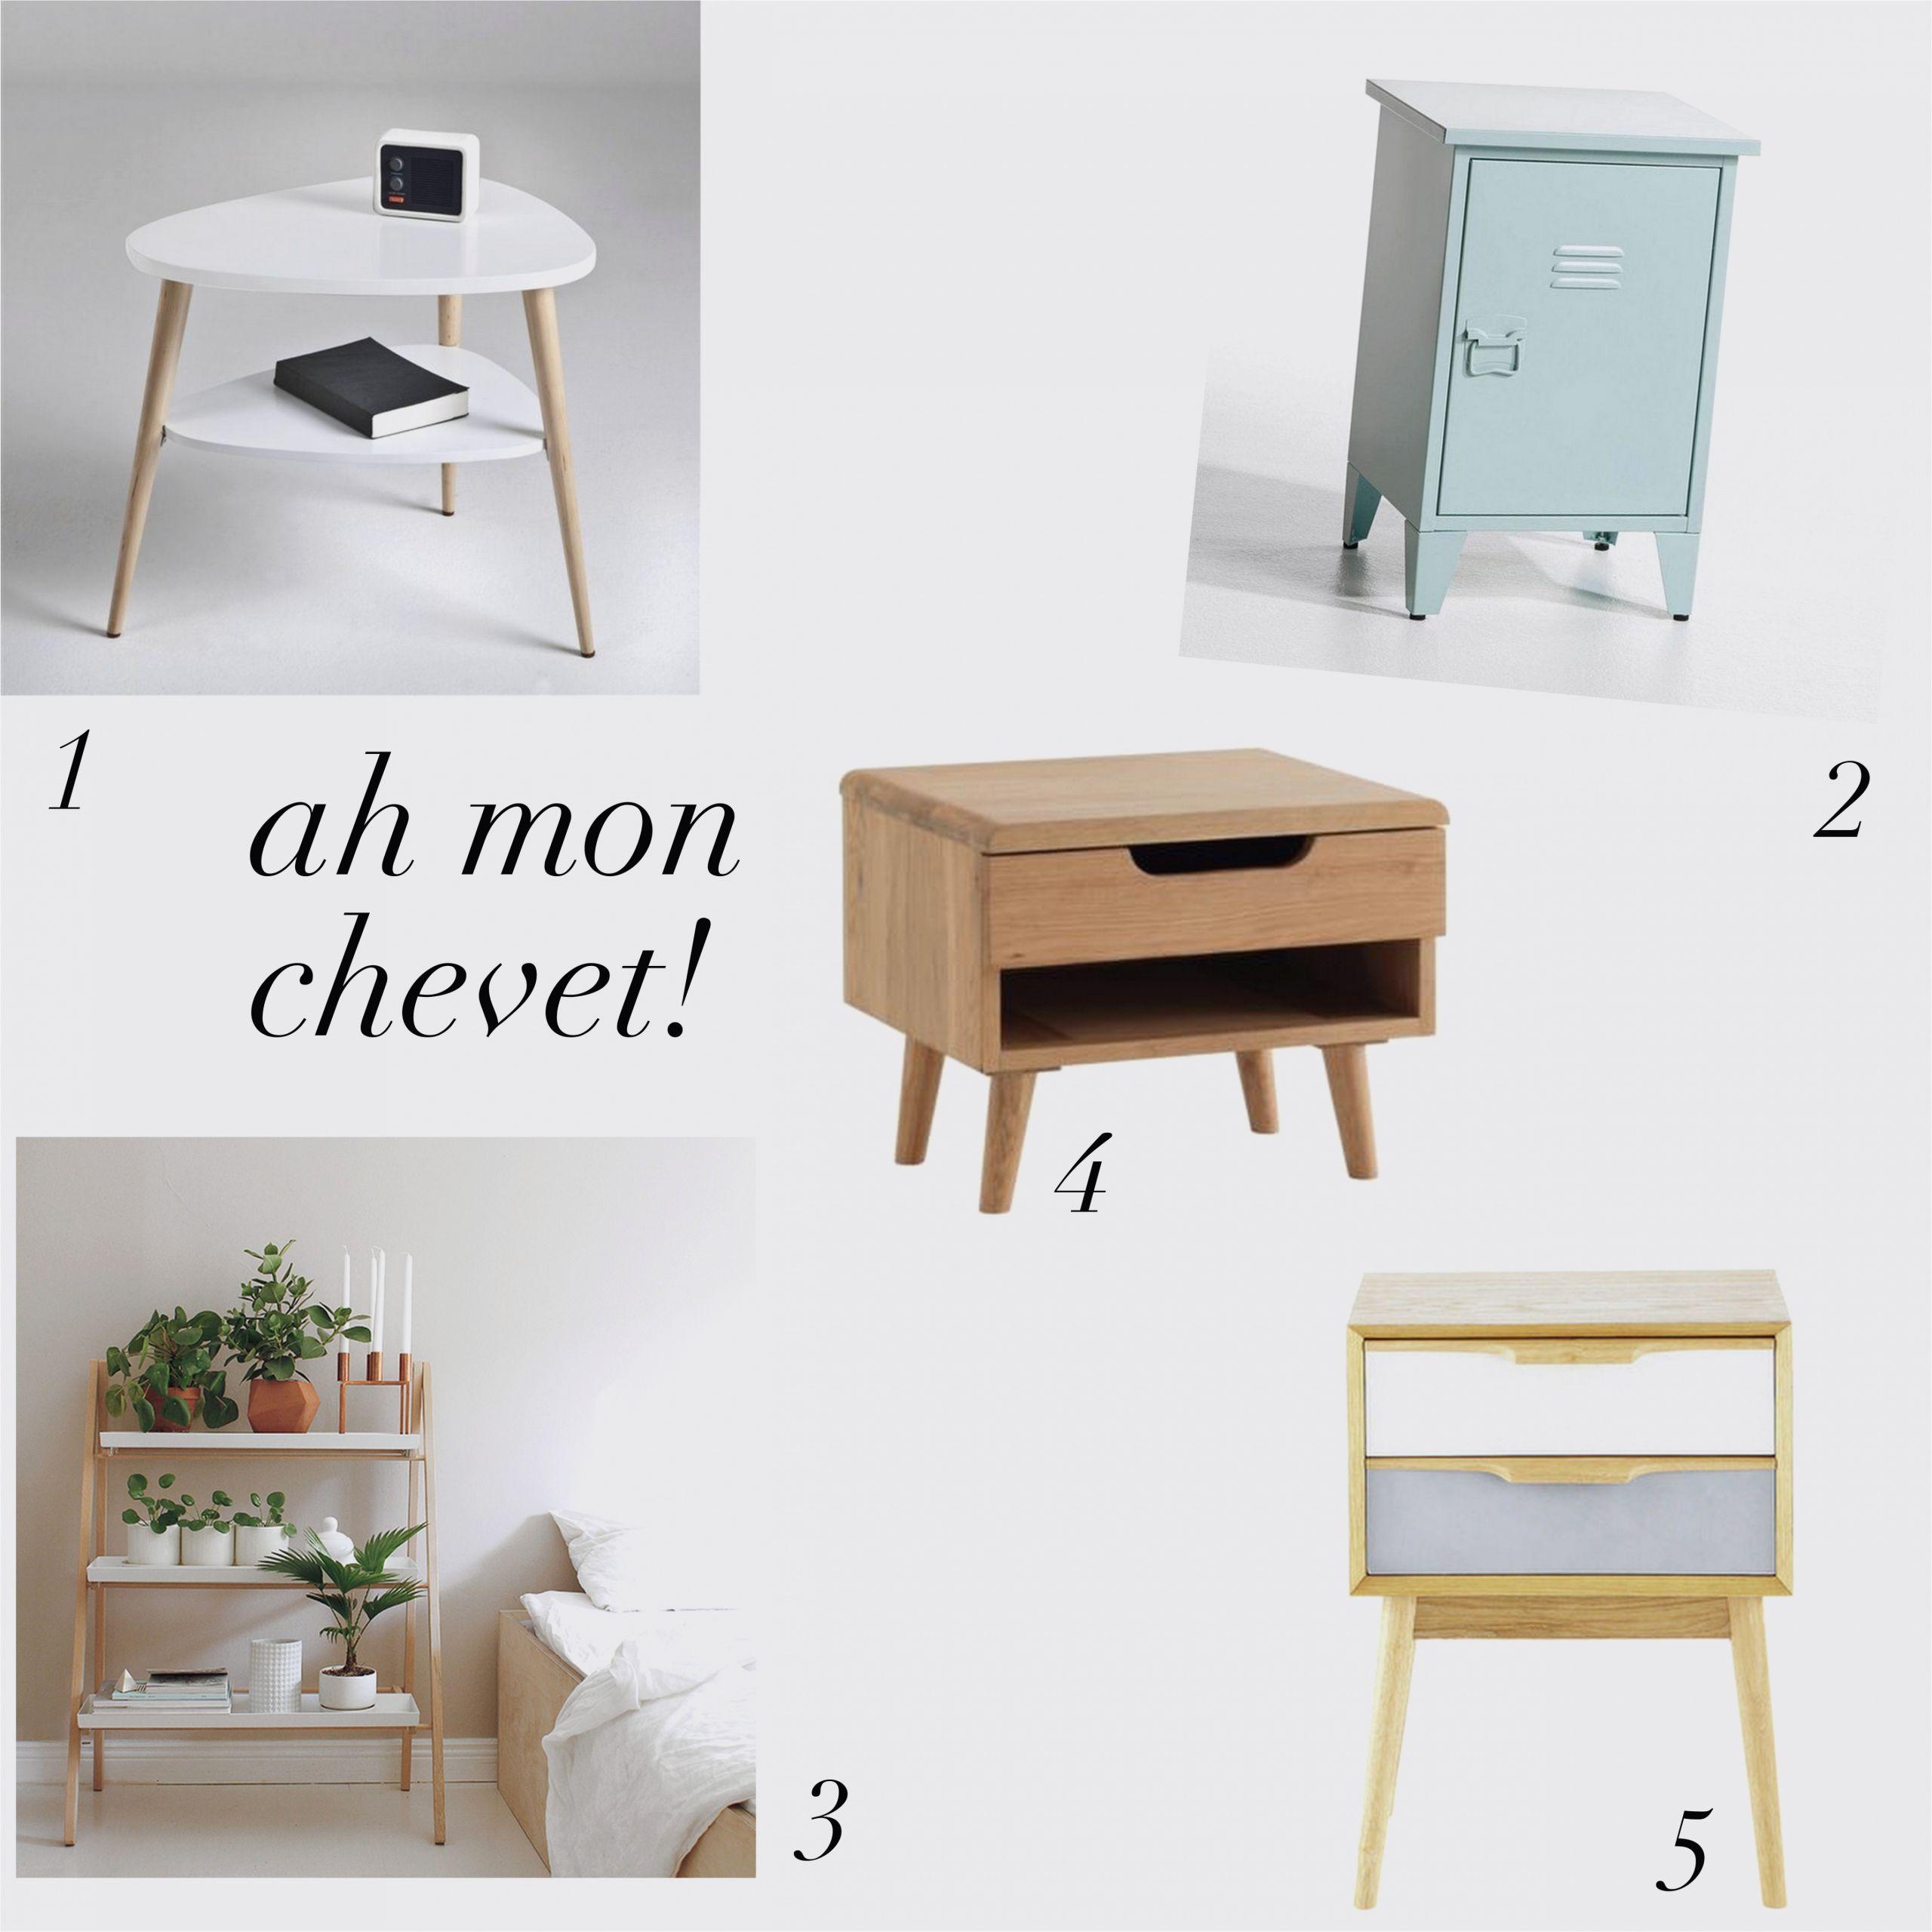 table de chevet i unique adorable chemin de table i set de table blanc pvc mikea of table de chevet i